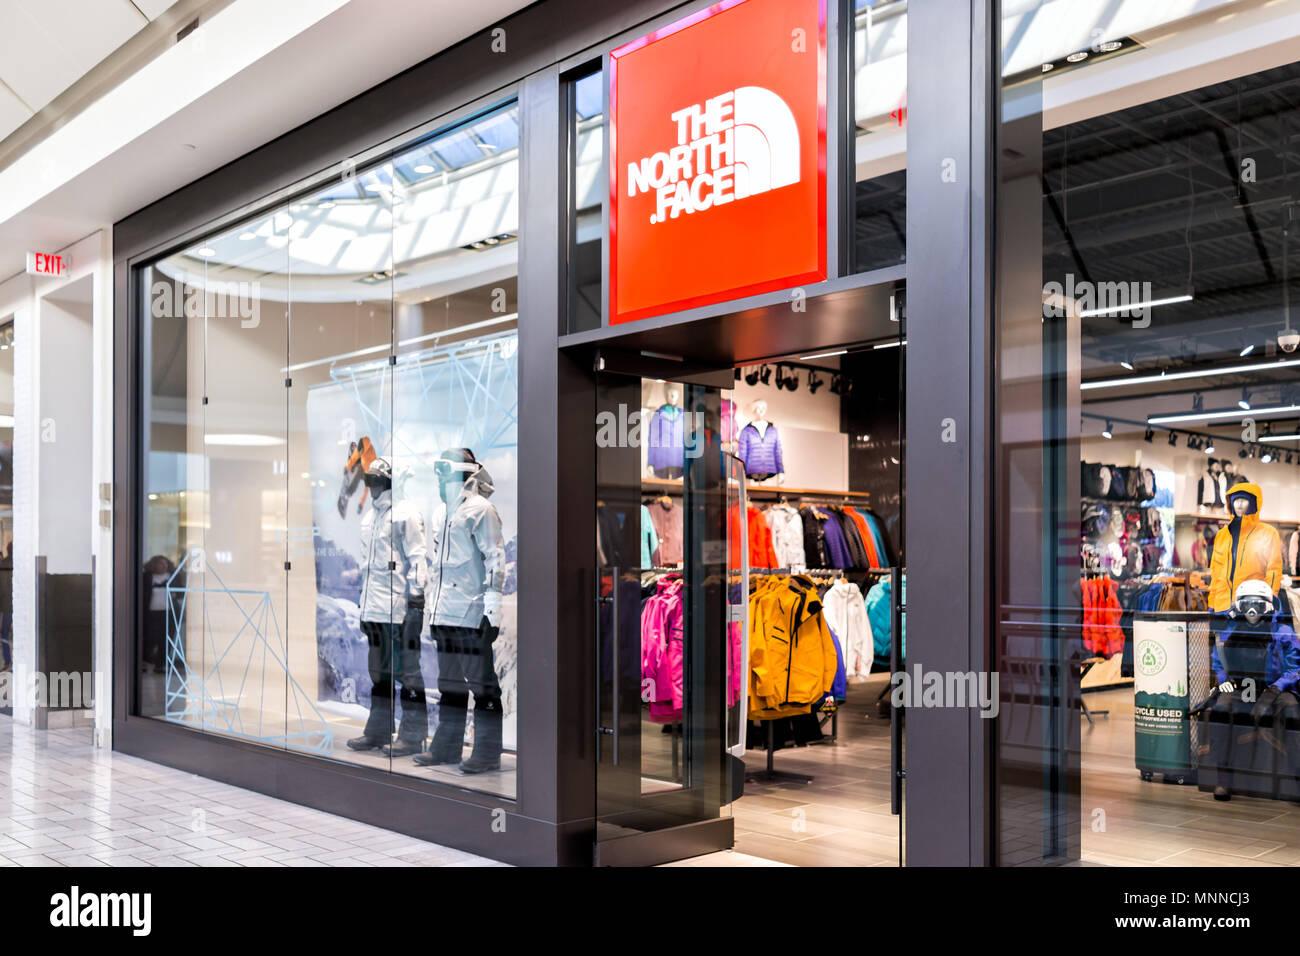 85e47d988 Shopping Mall Usa Sale Stock Photos & Shopping Mall Usa Sale Stock ...